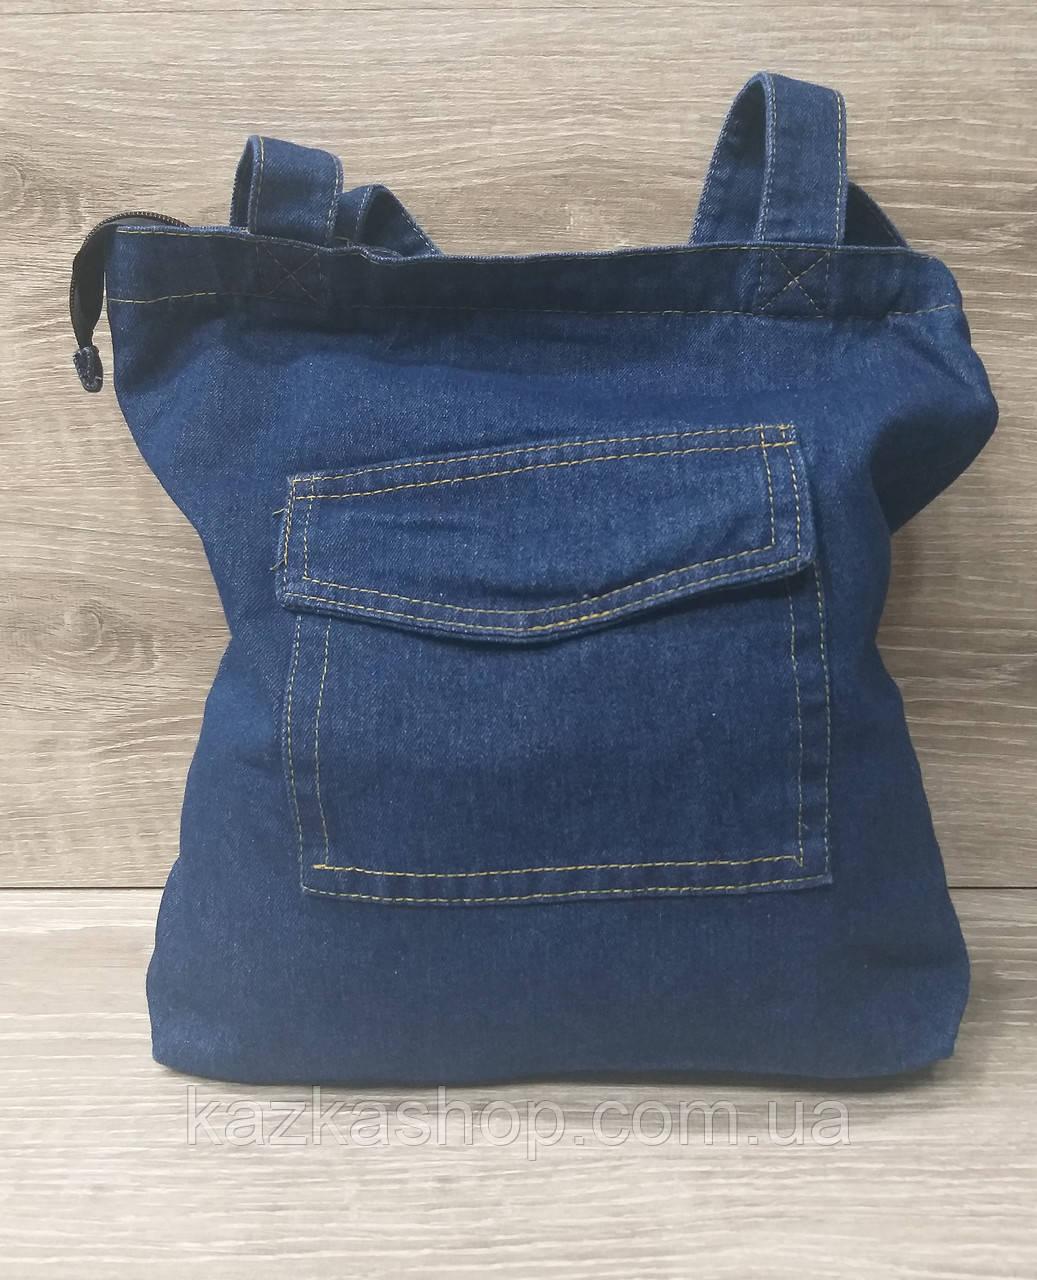 Джинсовая, текстильная сумка, прогулочная, без подклада, один основной отдел, без плечевого ремня